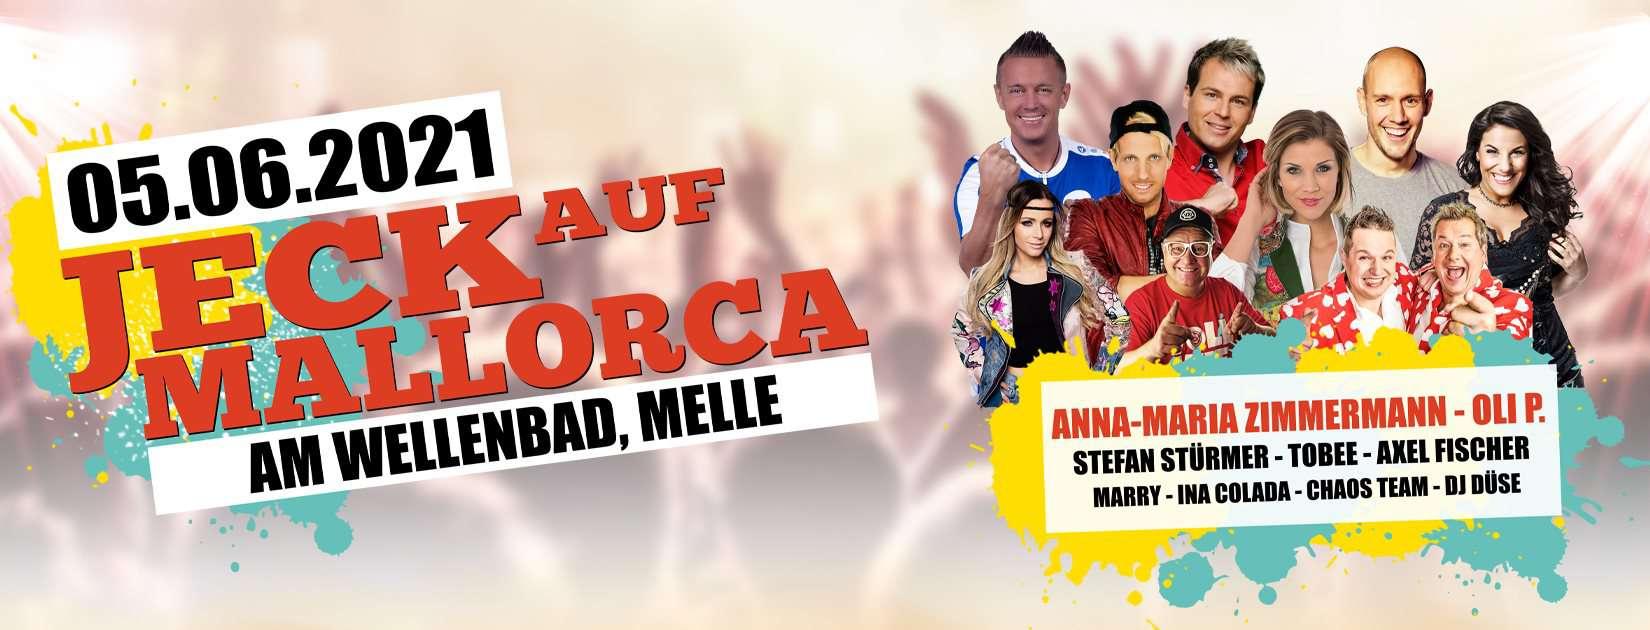 Die Event & More Rheinland UG haftungsbeschränkt bringt Euch mit JECK AUF Mallorca die Stars aus Mallorca direkt nach Melle. Am 05.06.2021 fällt der Startschuss für die Große Jeck auf Mallorca Party!